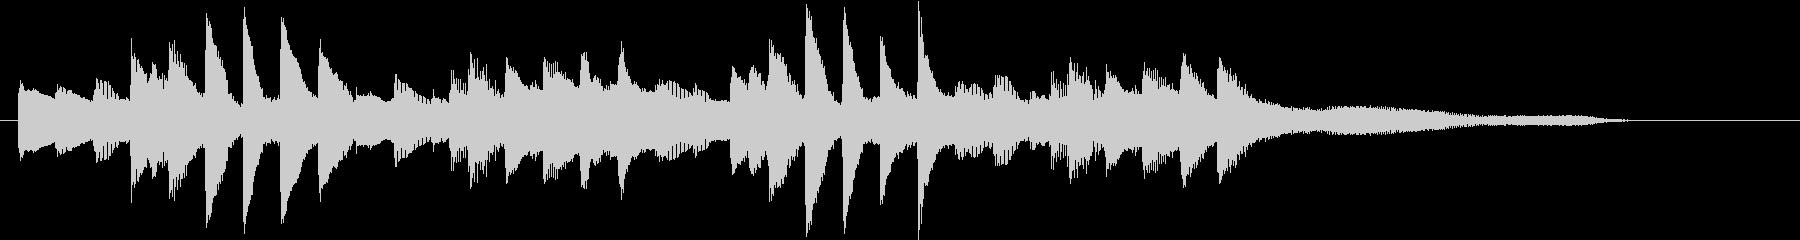 お正月・春の海モチーフのピアノジングルCの未再生の波形